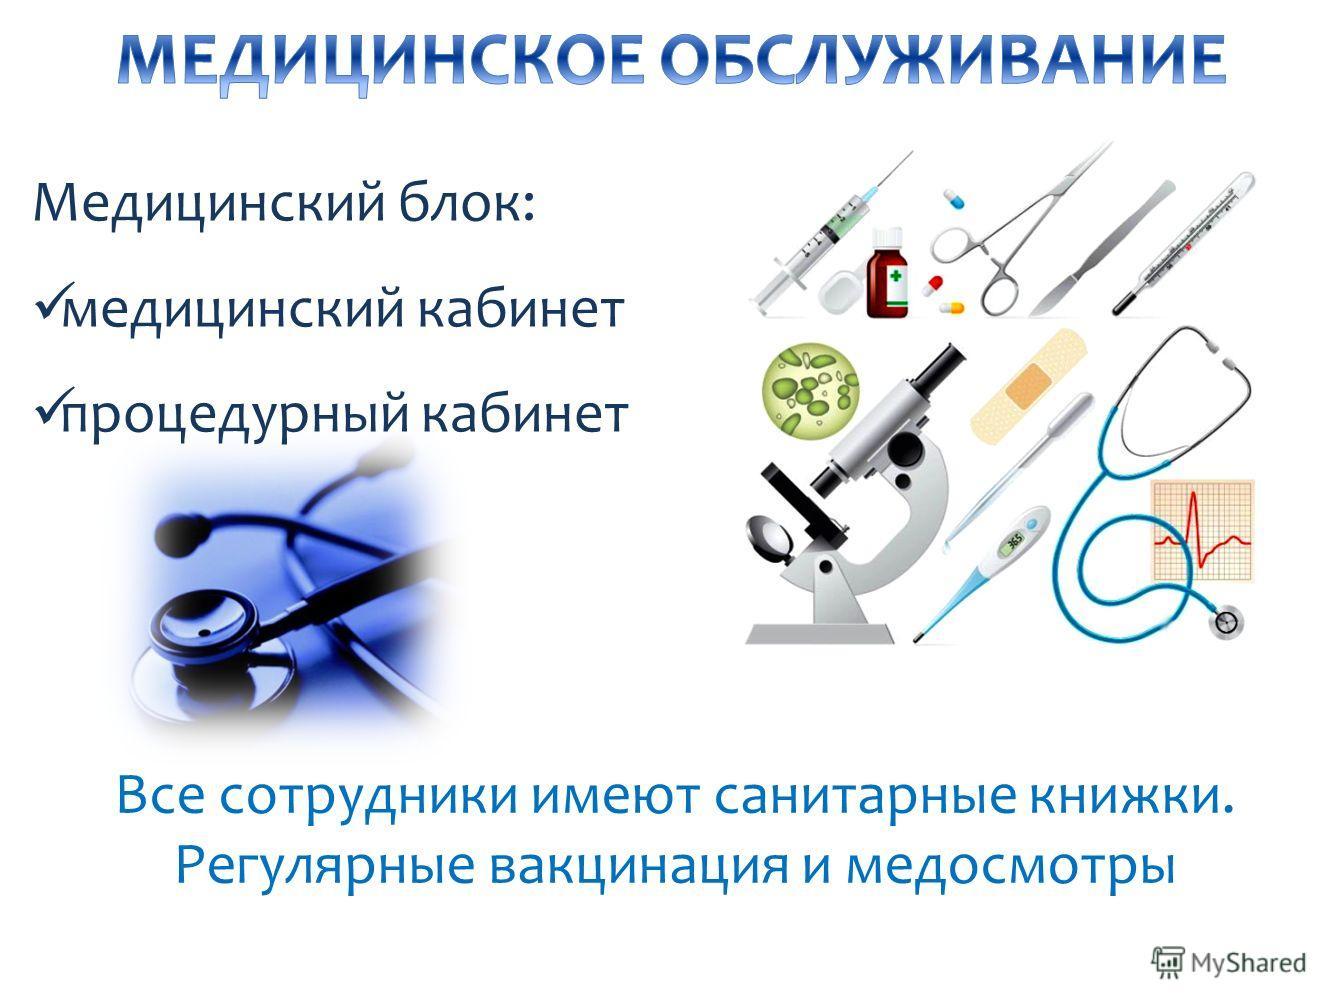 Медицинский блок: медицинский кабинет процедурный кабинет Все сотрудники имеют санитарные книжки. Регулярные вакцинация и медосмотры